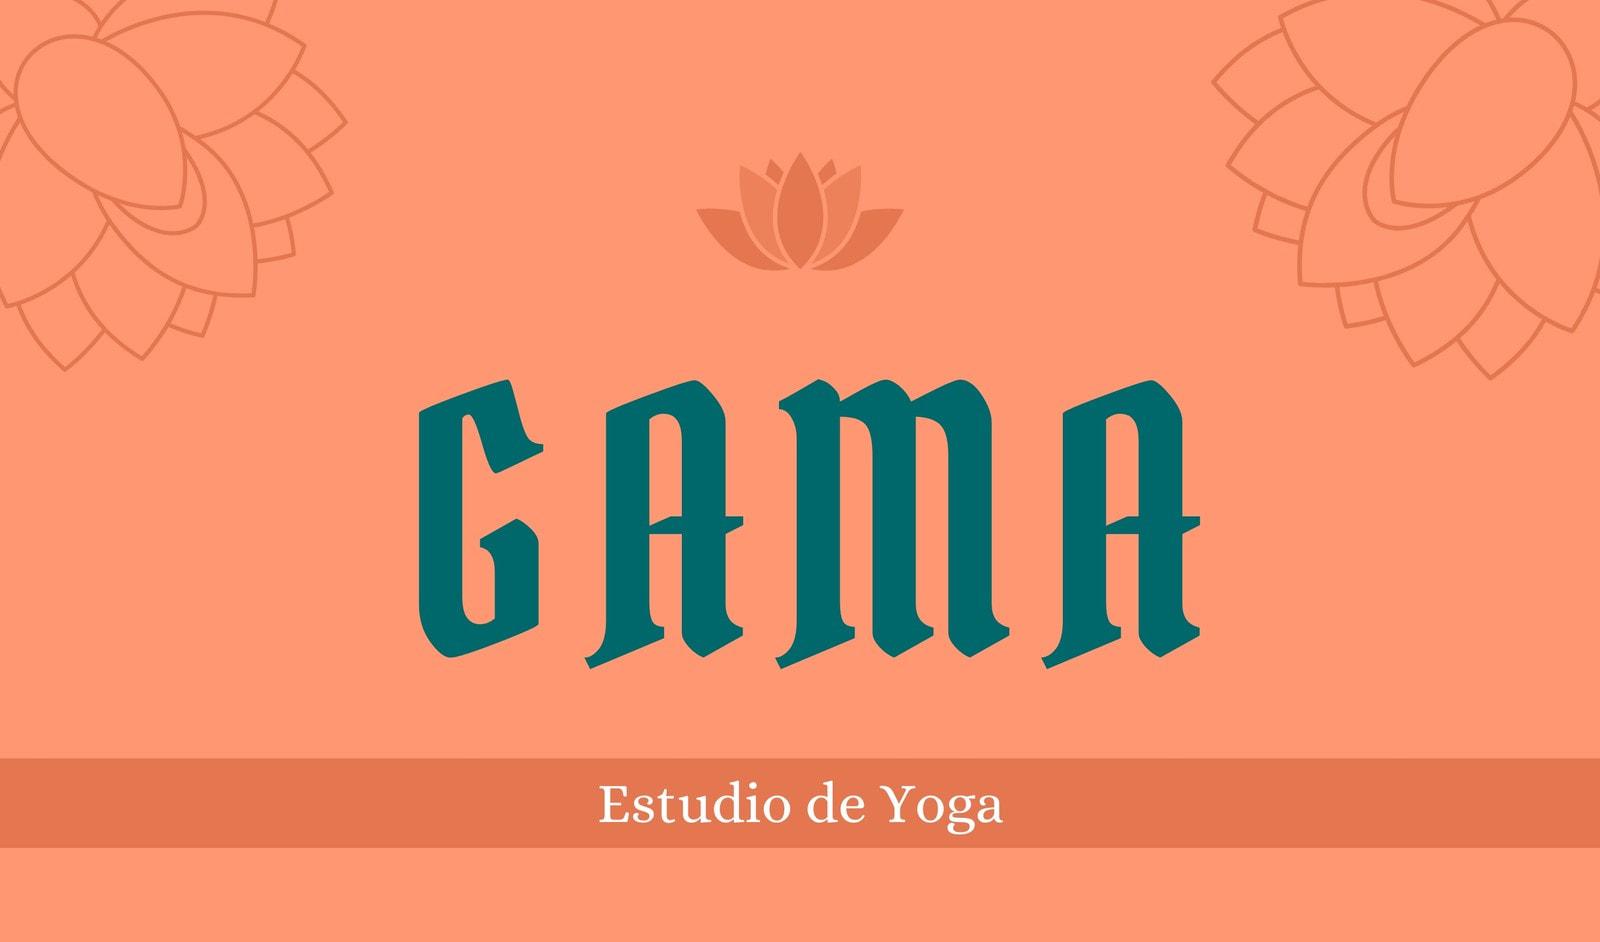 Estudio de yoga natural con ilustración de flor de loto con fondo salmón y azul verde Tarjeta de presentación